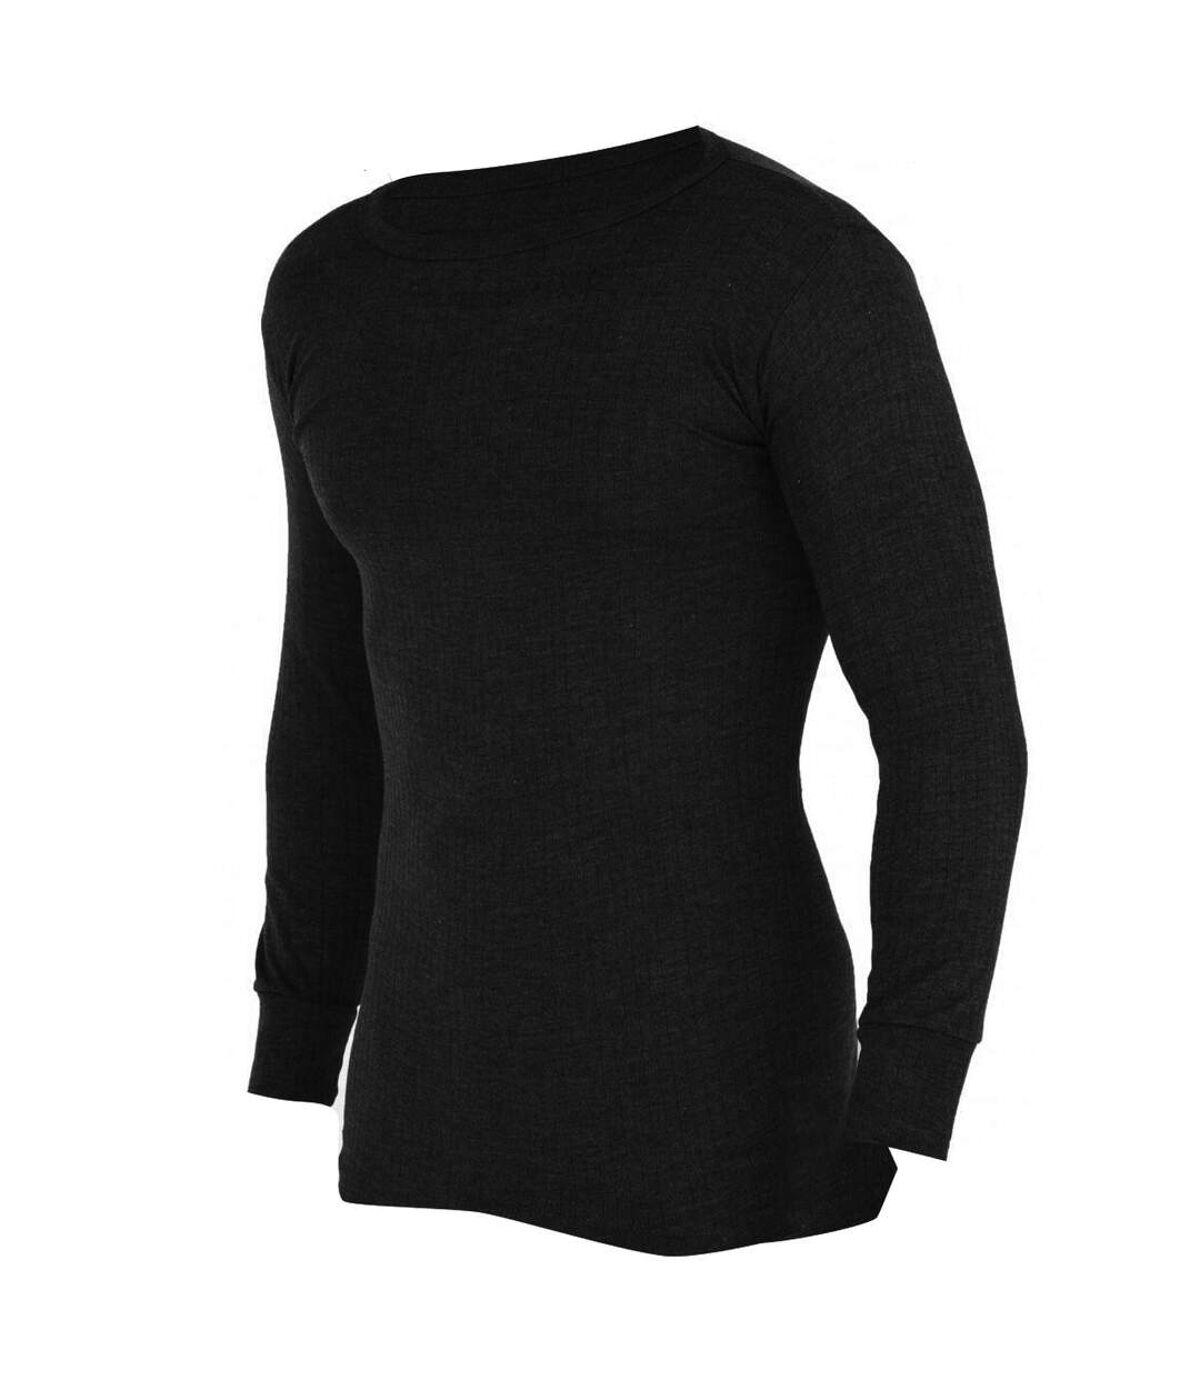 FLOSO -  T-shirt thermique à manches longues (en viscose) - Homme (Noir) - UTTHERM107